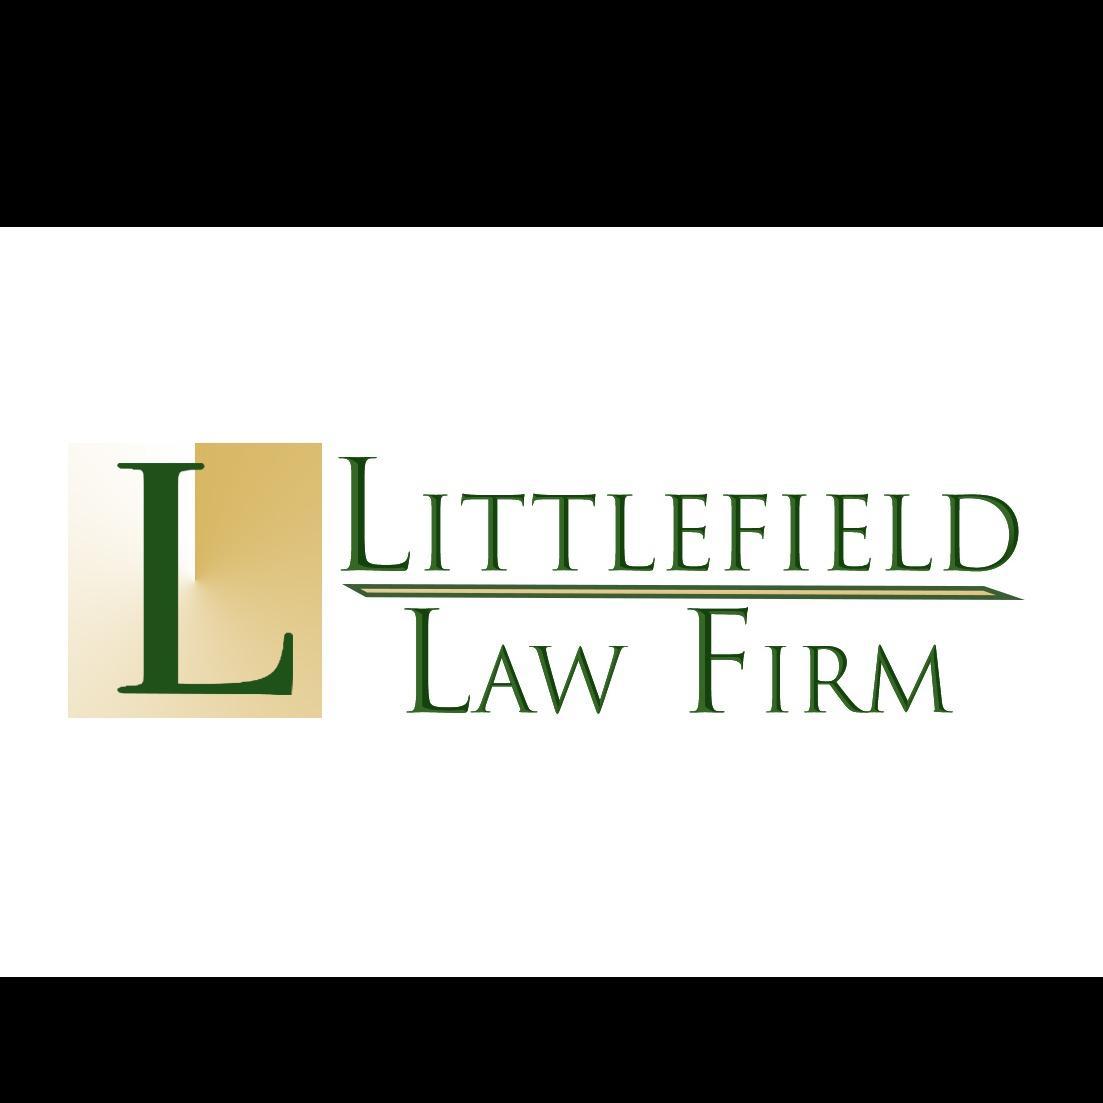 Littlefield Law Firm